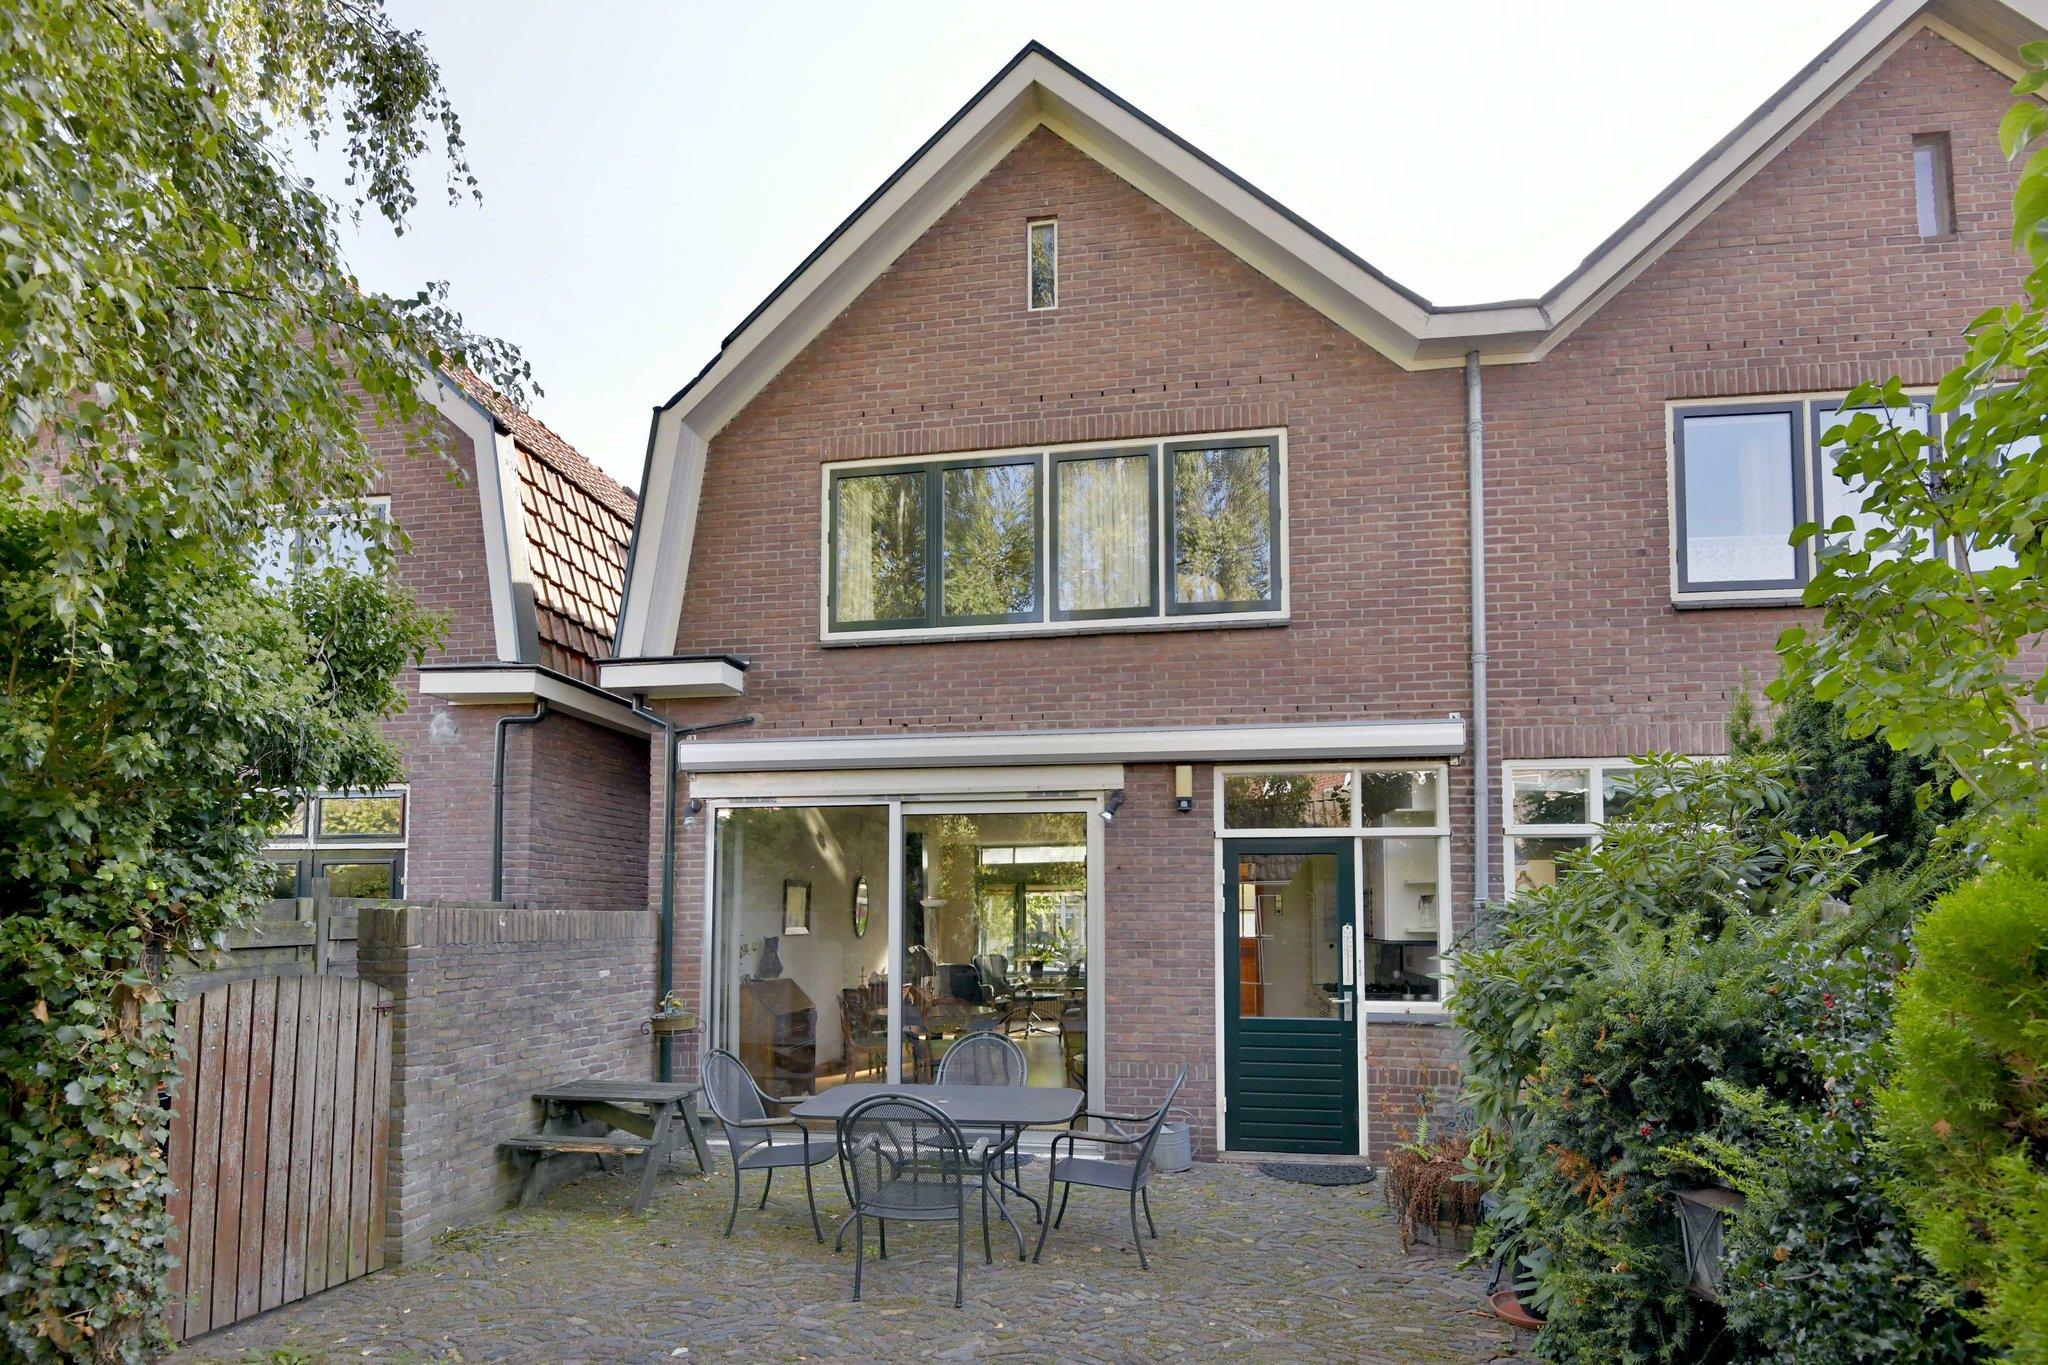 deventer-burg-ijssel-de-schepperstraat-4198016-foto-20.jpg